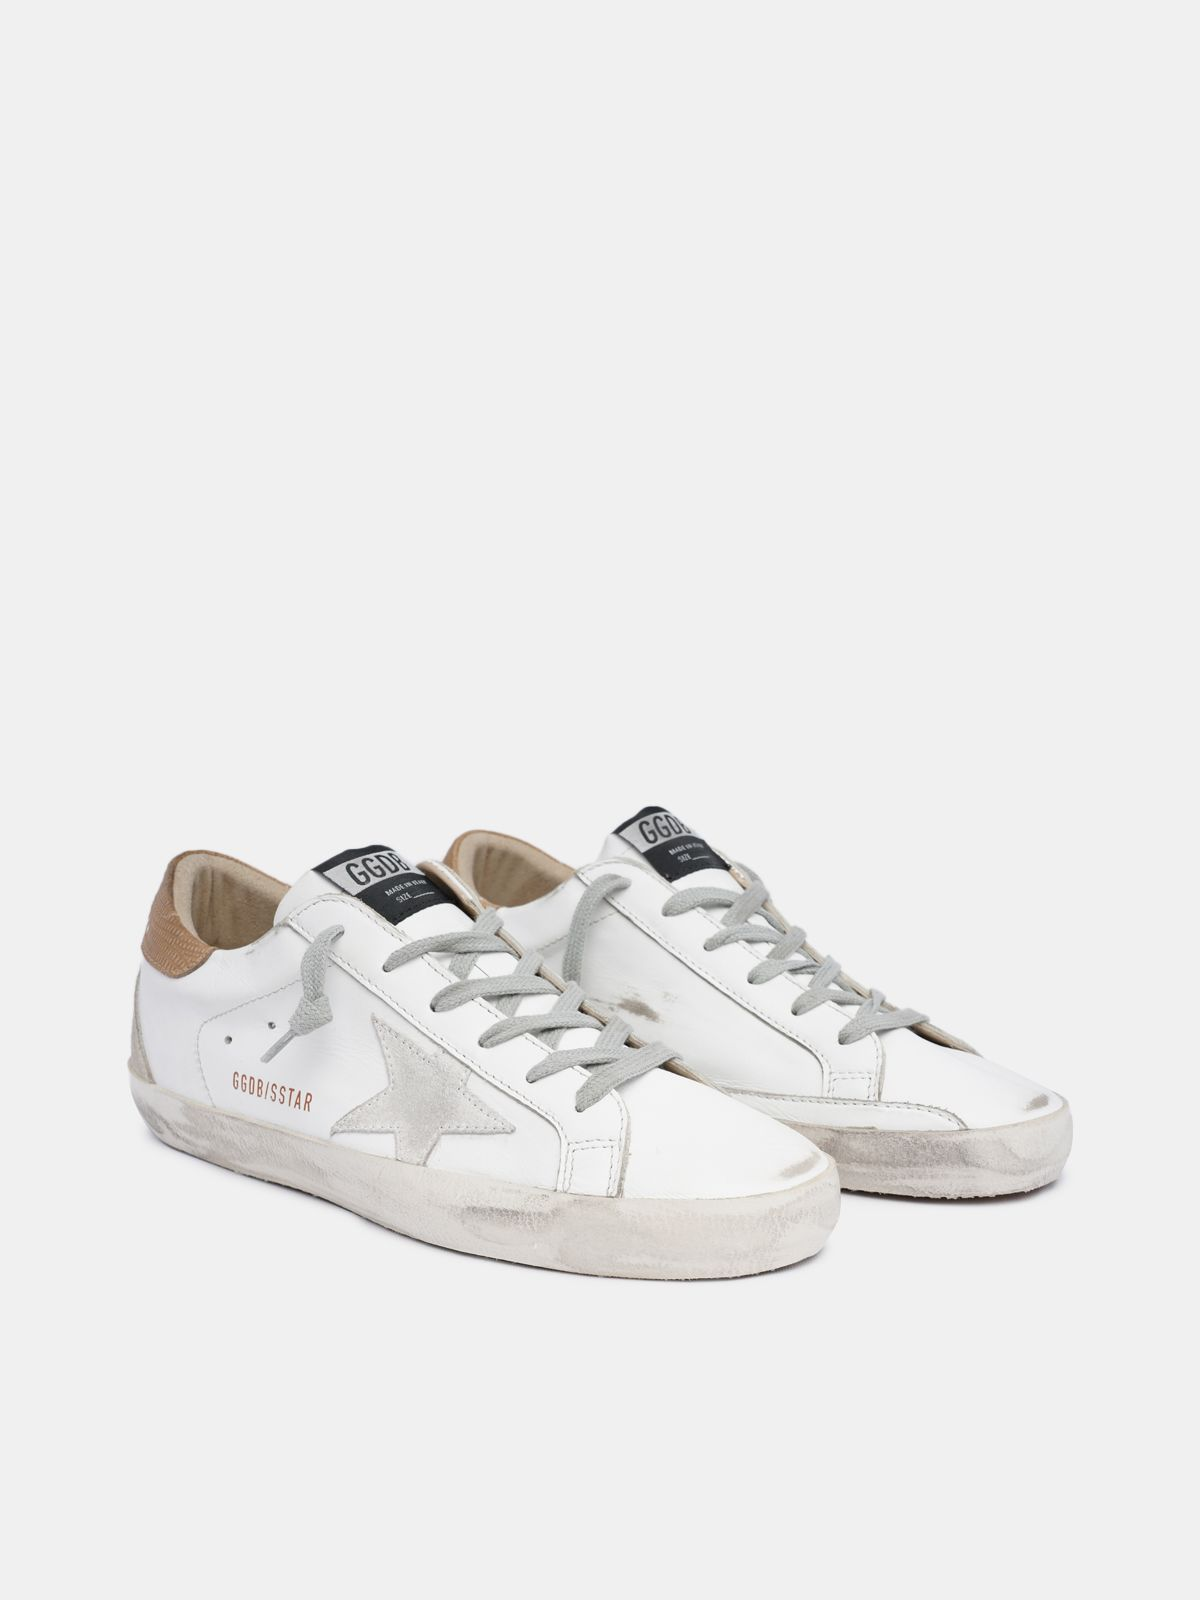 Golden Goose - Women's Super-Star sneakers with lizard-print heel tab in